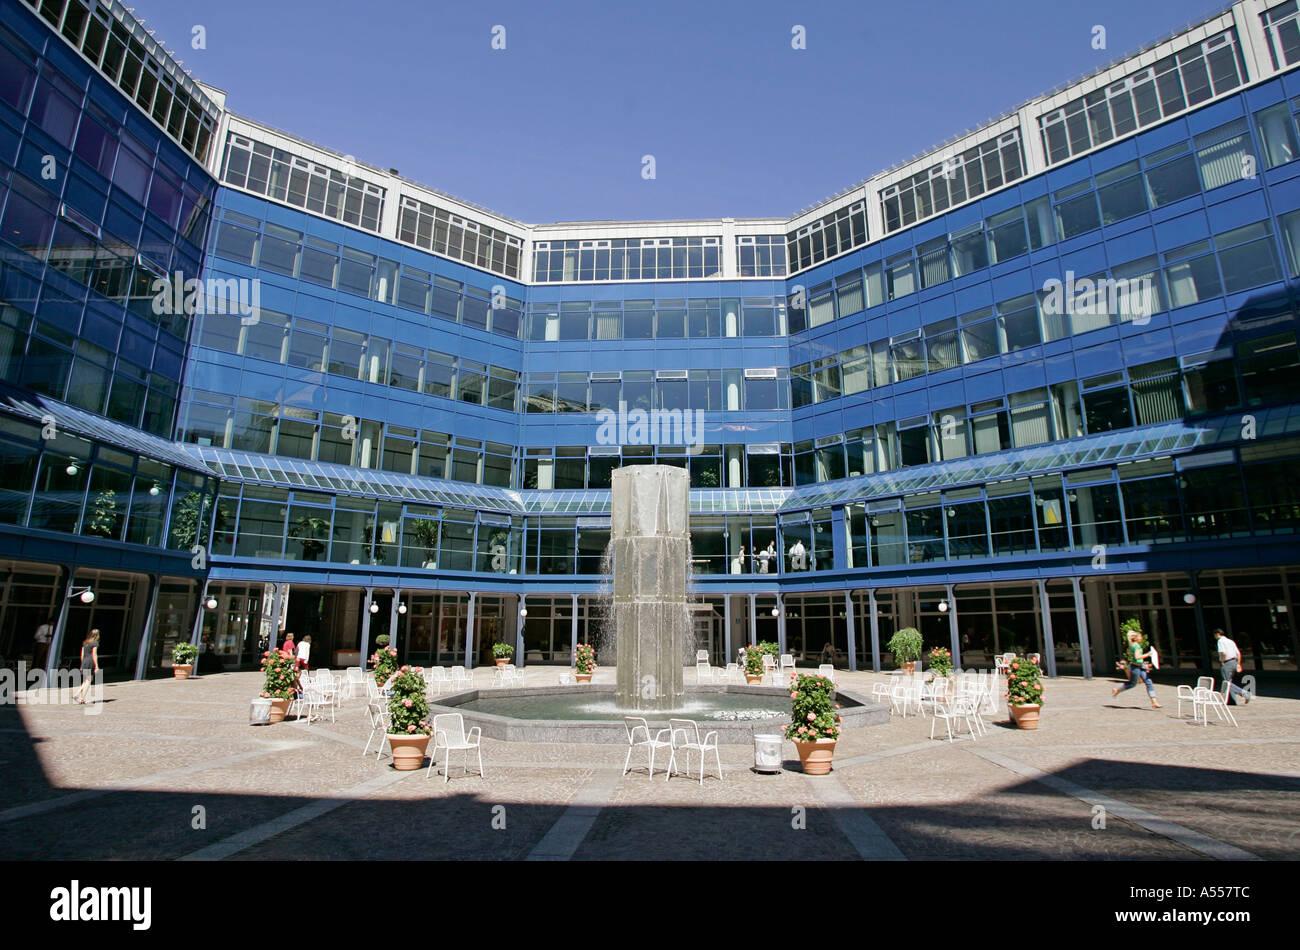 Landesbank München